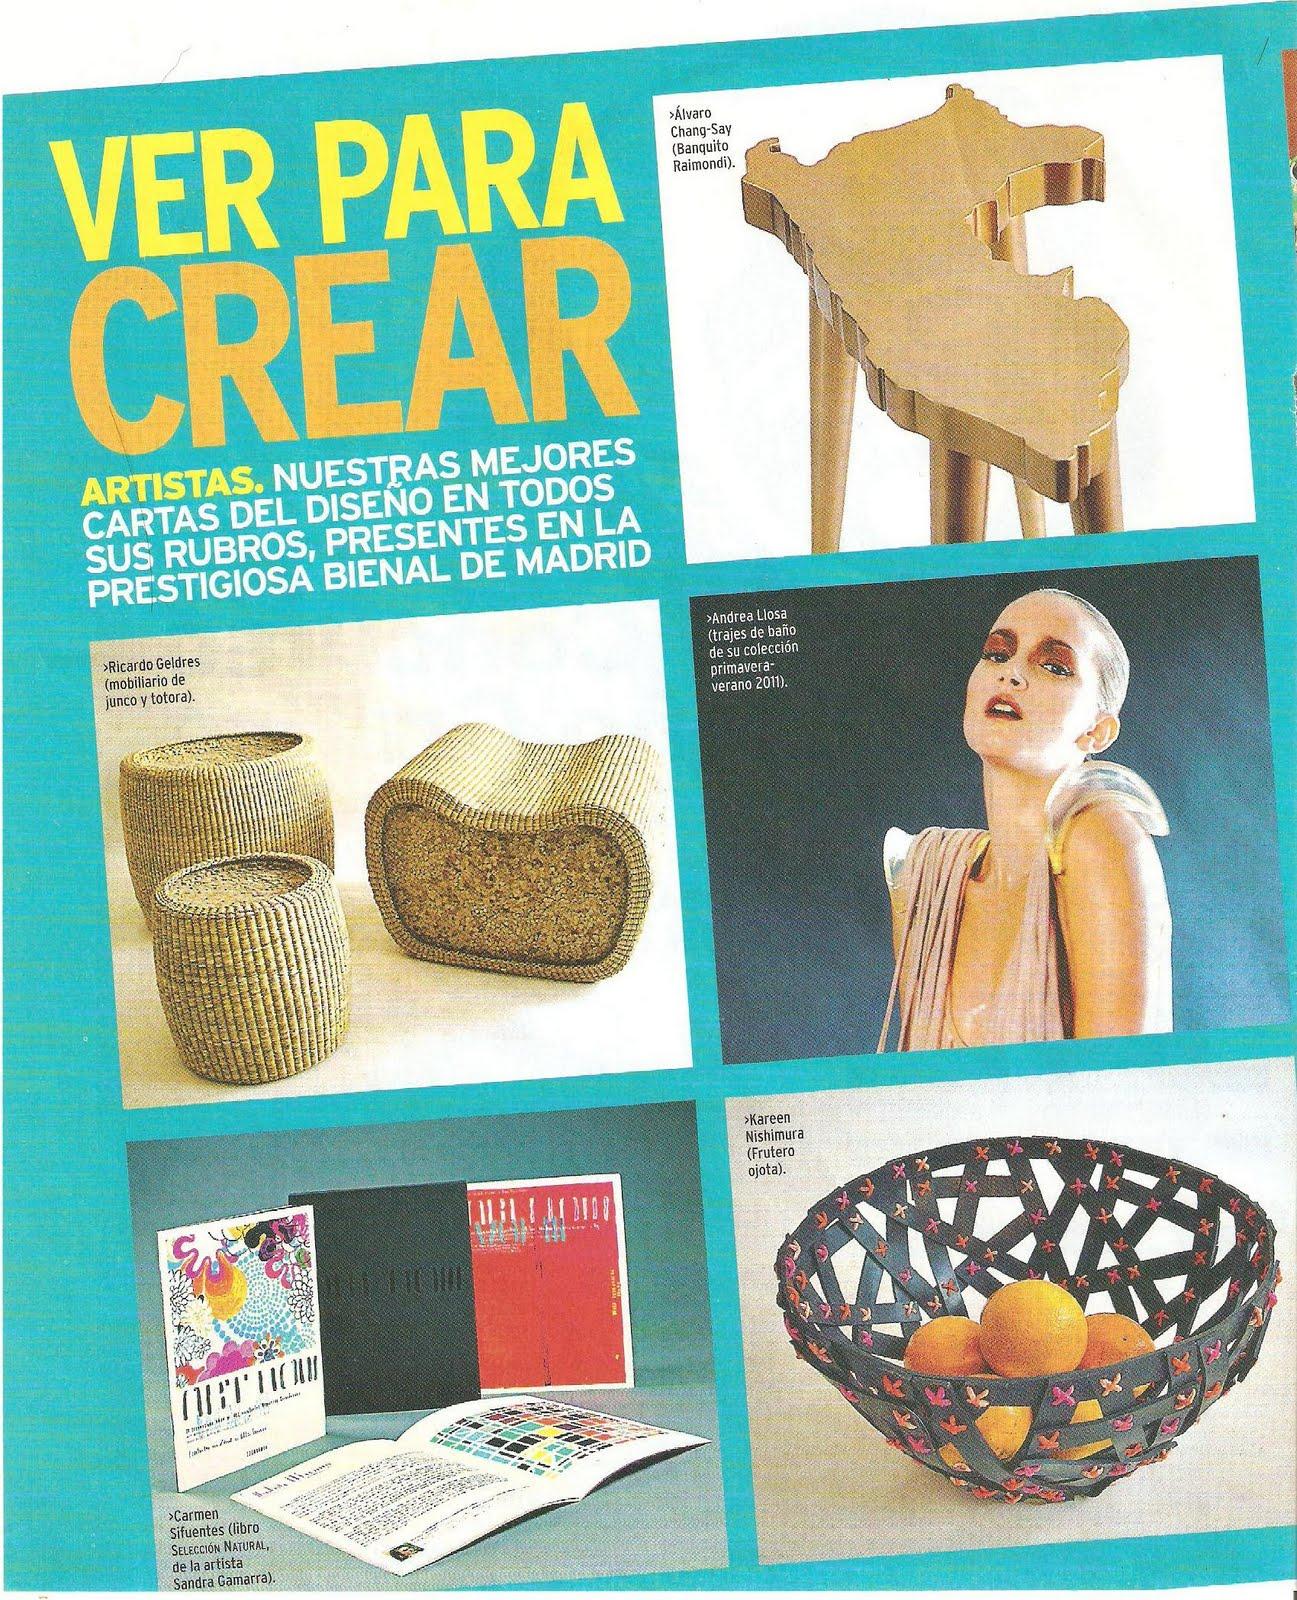 Dise a per dise adores industriales peruanos en la ii - Disenadores en madrid ...